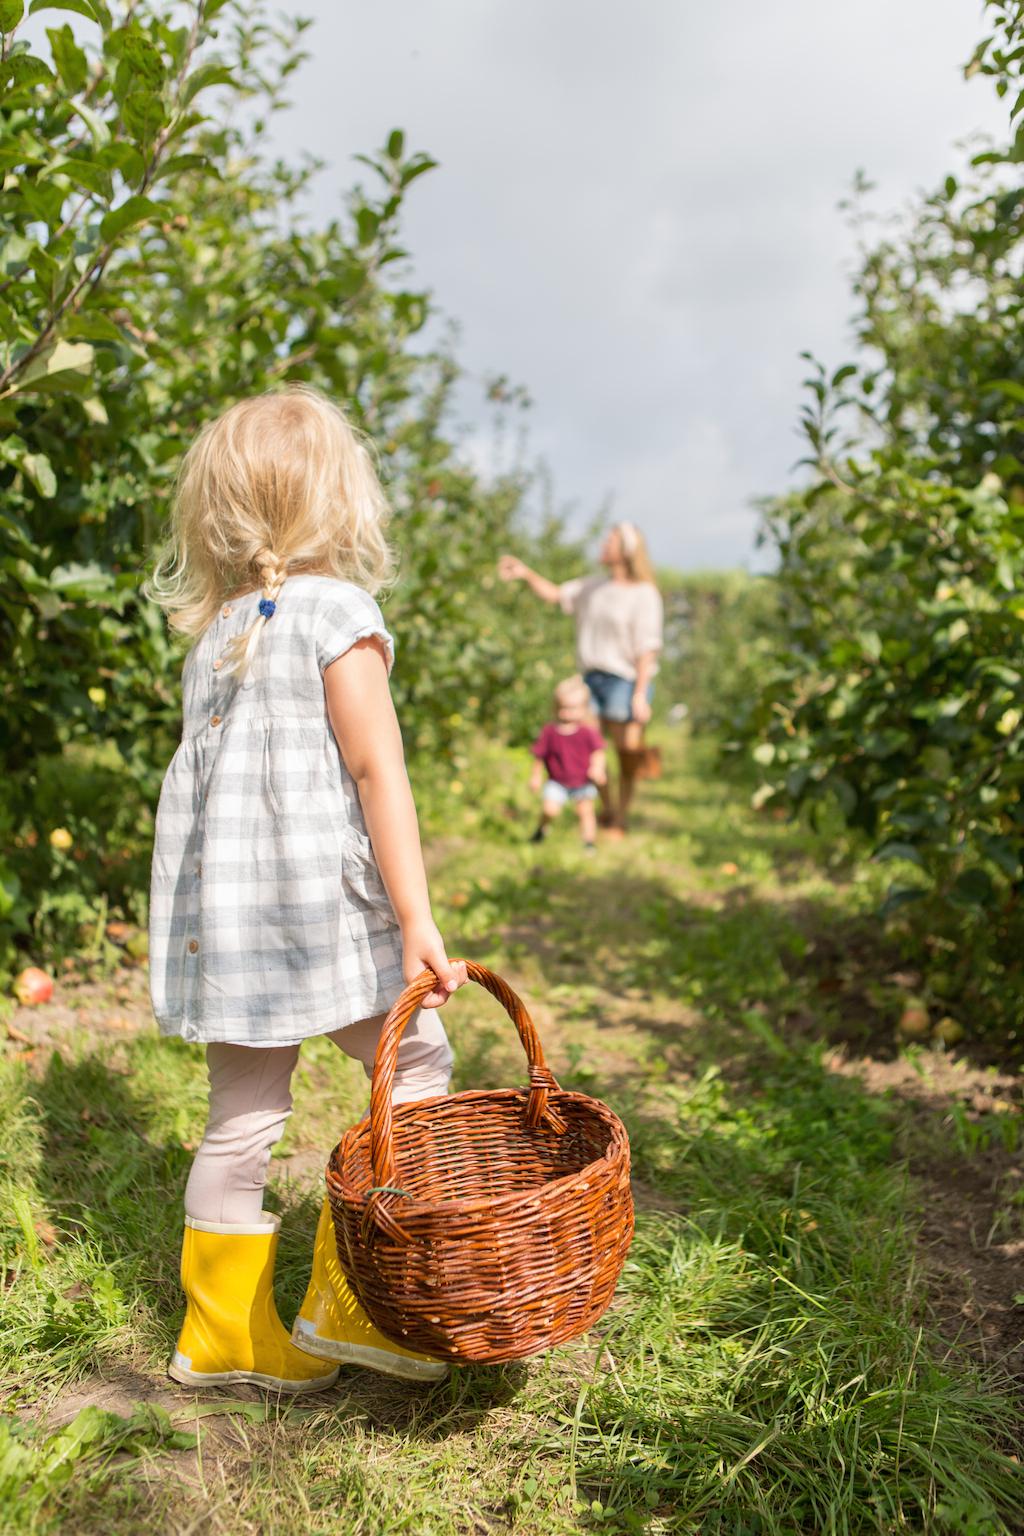 appeltje-voor-de-dorst-2